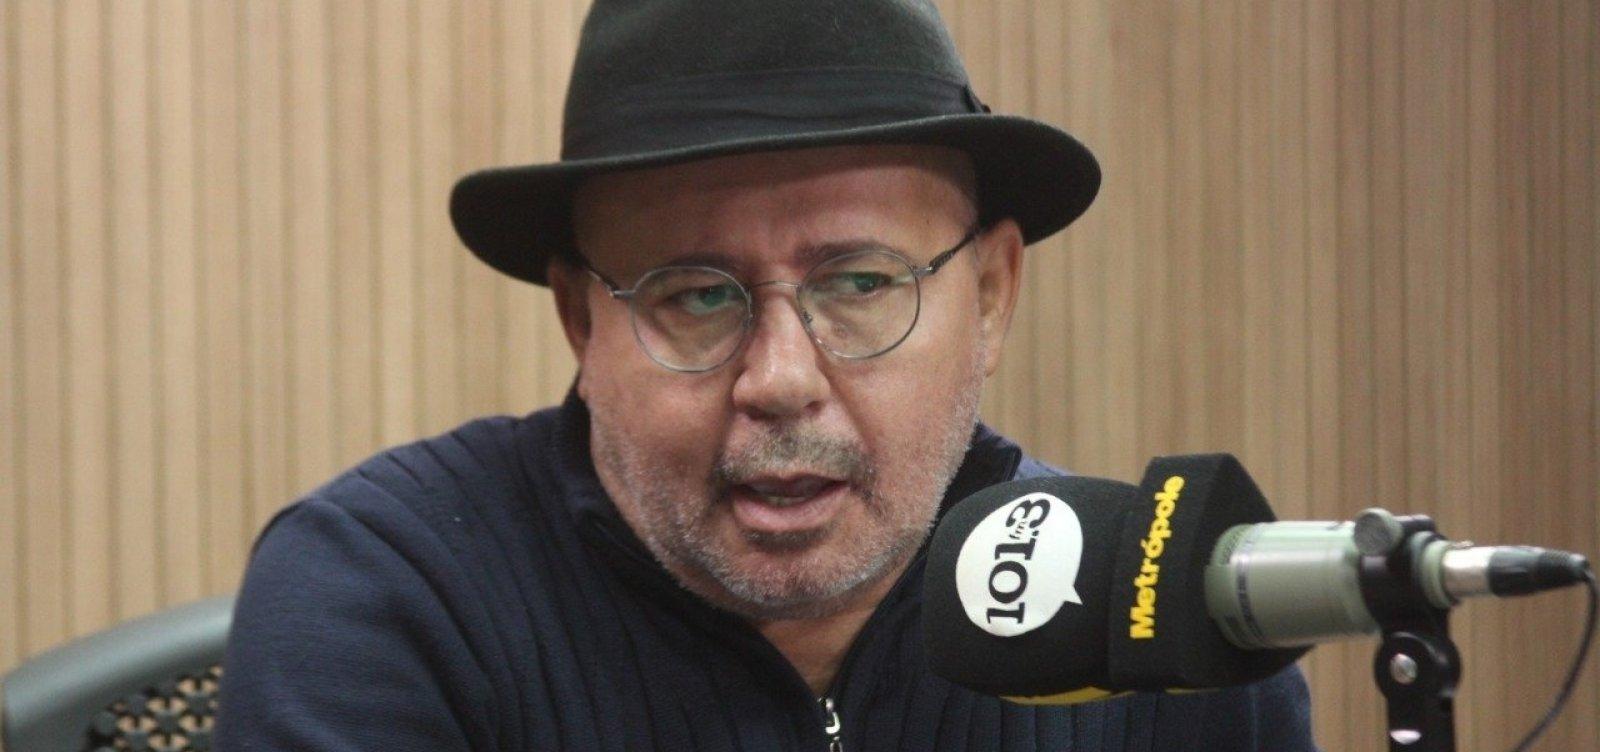 Após confusão, síndico vai propor expulsão de Marcell Moraes do condomínio